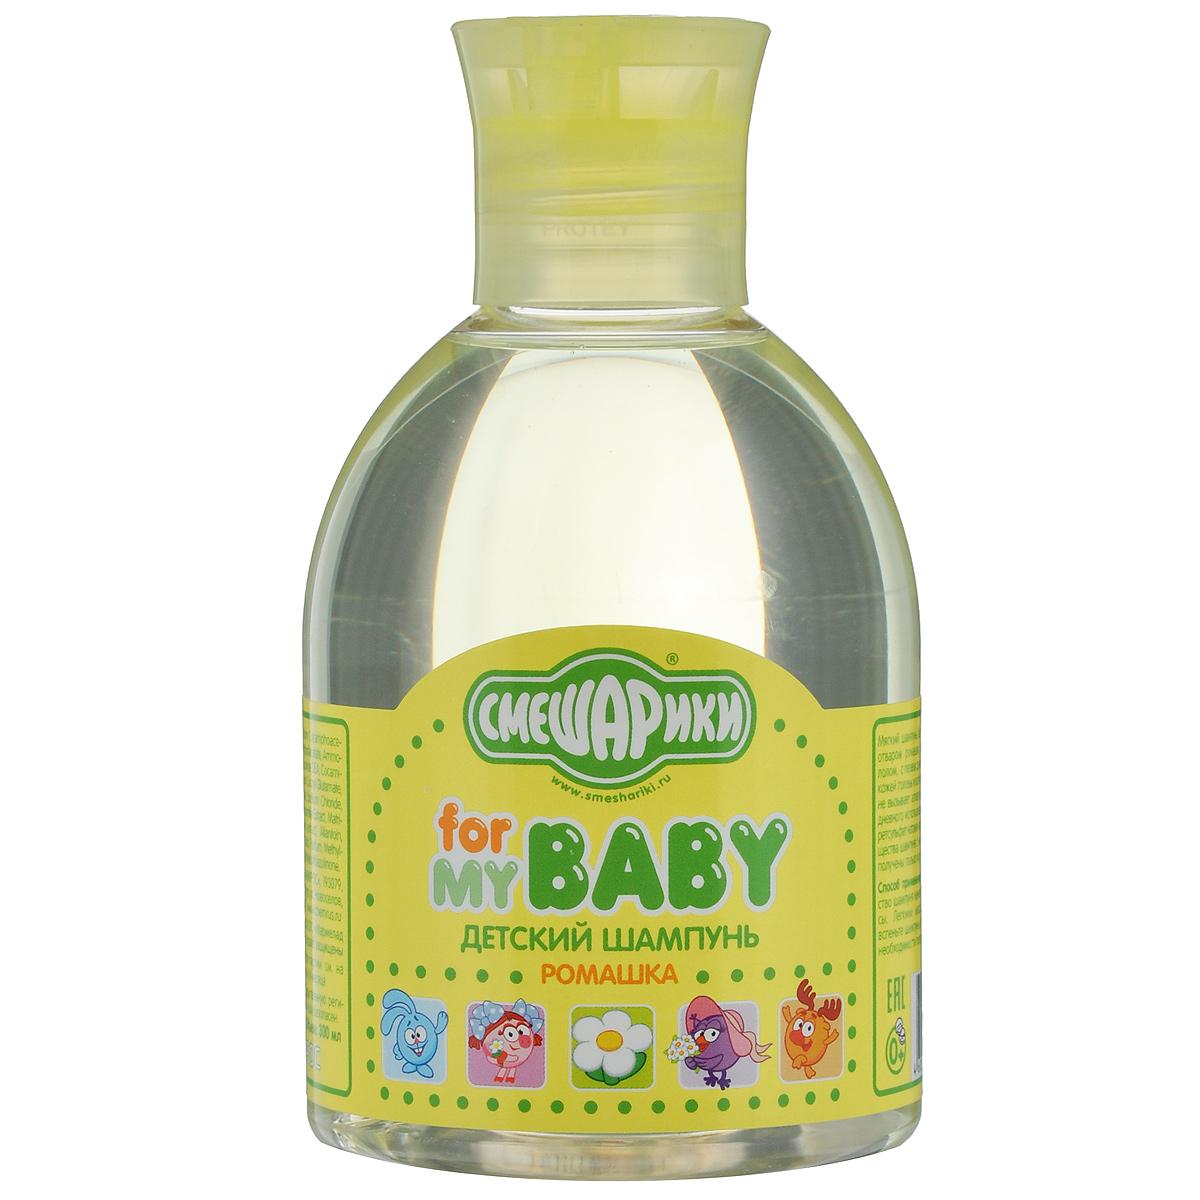 Смешарики Детский шампунь For my Baby, с экстрактом ромашки, 300 млСМ93Мягкий шампунь без слез Смешарики For my baby, с экстрактом и отваром ромашки, обогащенный бисабололом, бережно ухаживает за кожей головы и волосами ребенка. Прекрасно очищает в воде любой жесткости, полностью смывается. Пышная пена придает коже мягкость и шелковистость. Подходит для ежедневного применения. Отвар ромашки и бисаболол оказывают противовоспалительное, успокаивающее действие, питают и защищают кожу ребенка. Отсутствие красителей и использование моющих веществ натурального происхождения делают шампунь безопасным и не вызывают аллергии. Продукт сертифицирован и дерматологически безопасен.